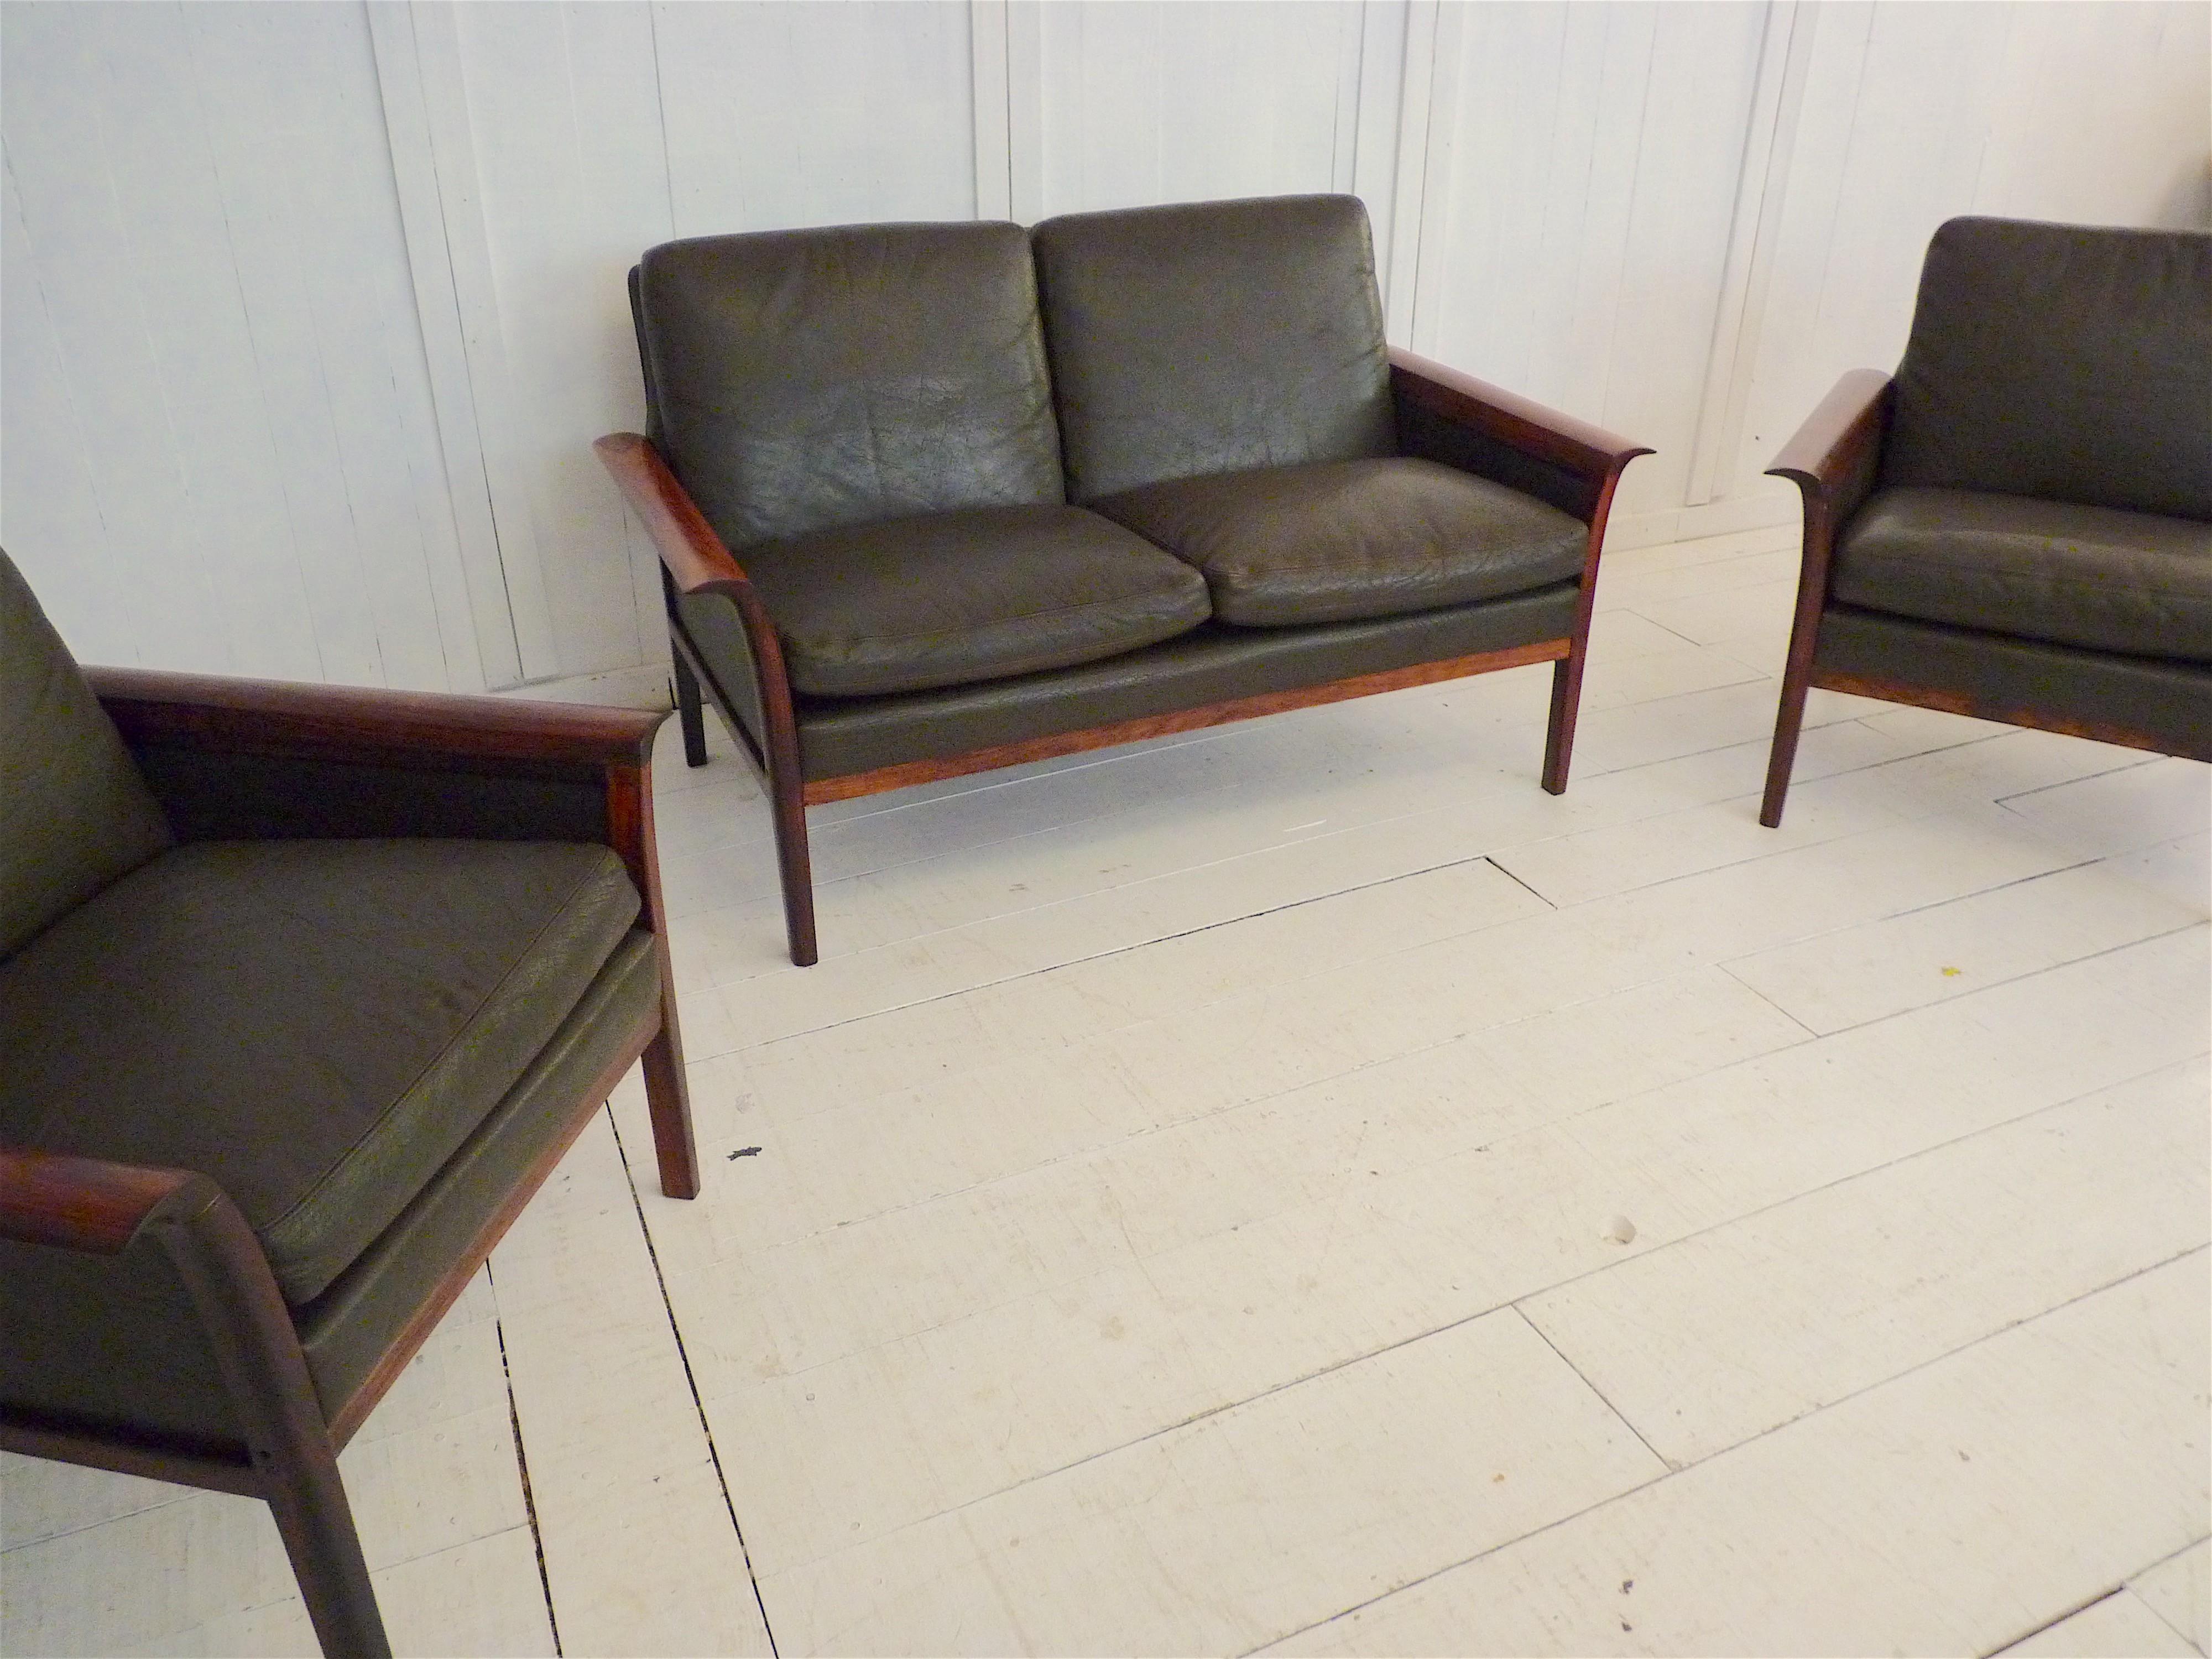 Vatne Mobler living room set in black leather, Knut SAETER - 1960s ...